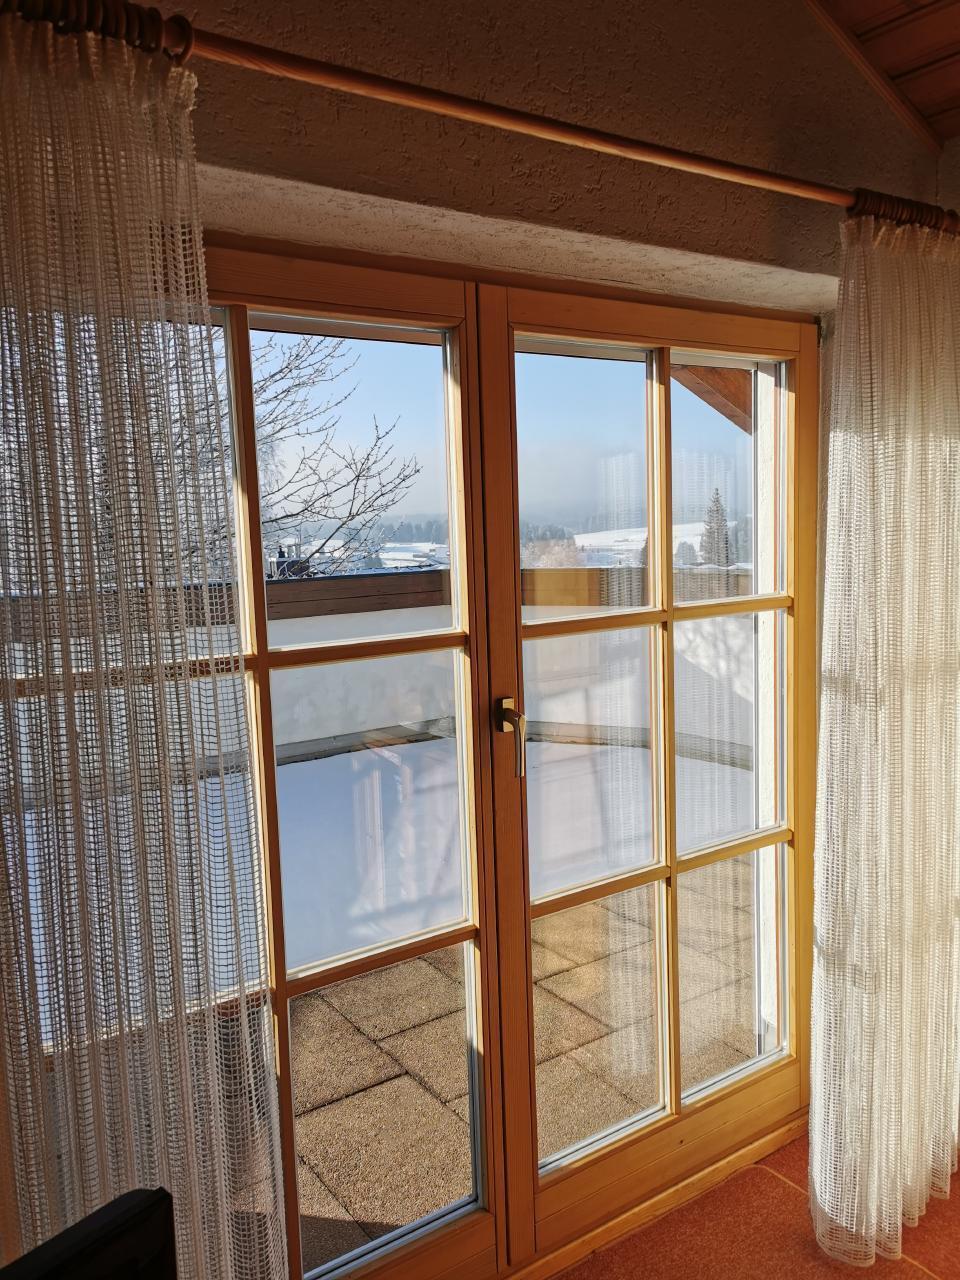 Ferienwohnung Haus Haidweg Wohnung 5 - 3 Zimmer, ca. 90 m² für 2-6 Personen im Dachgeschoss mit Balkon u (238755), Haidmühle, Bayerischer Wald, Bayern, Deutschland, Bild 18